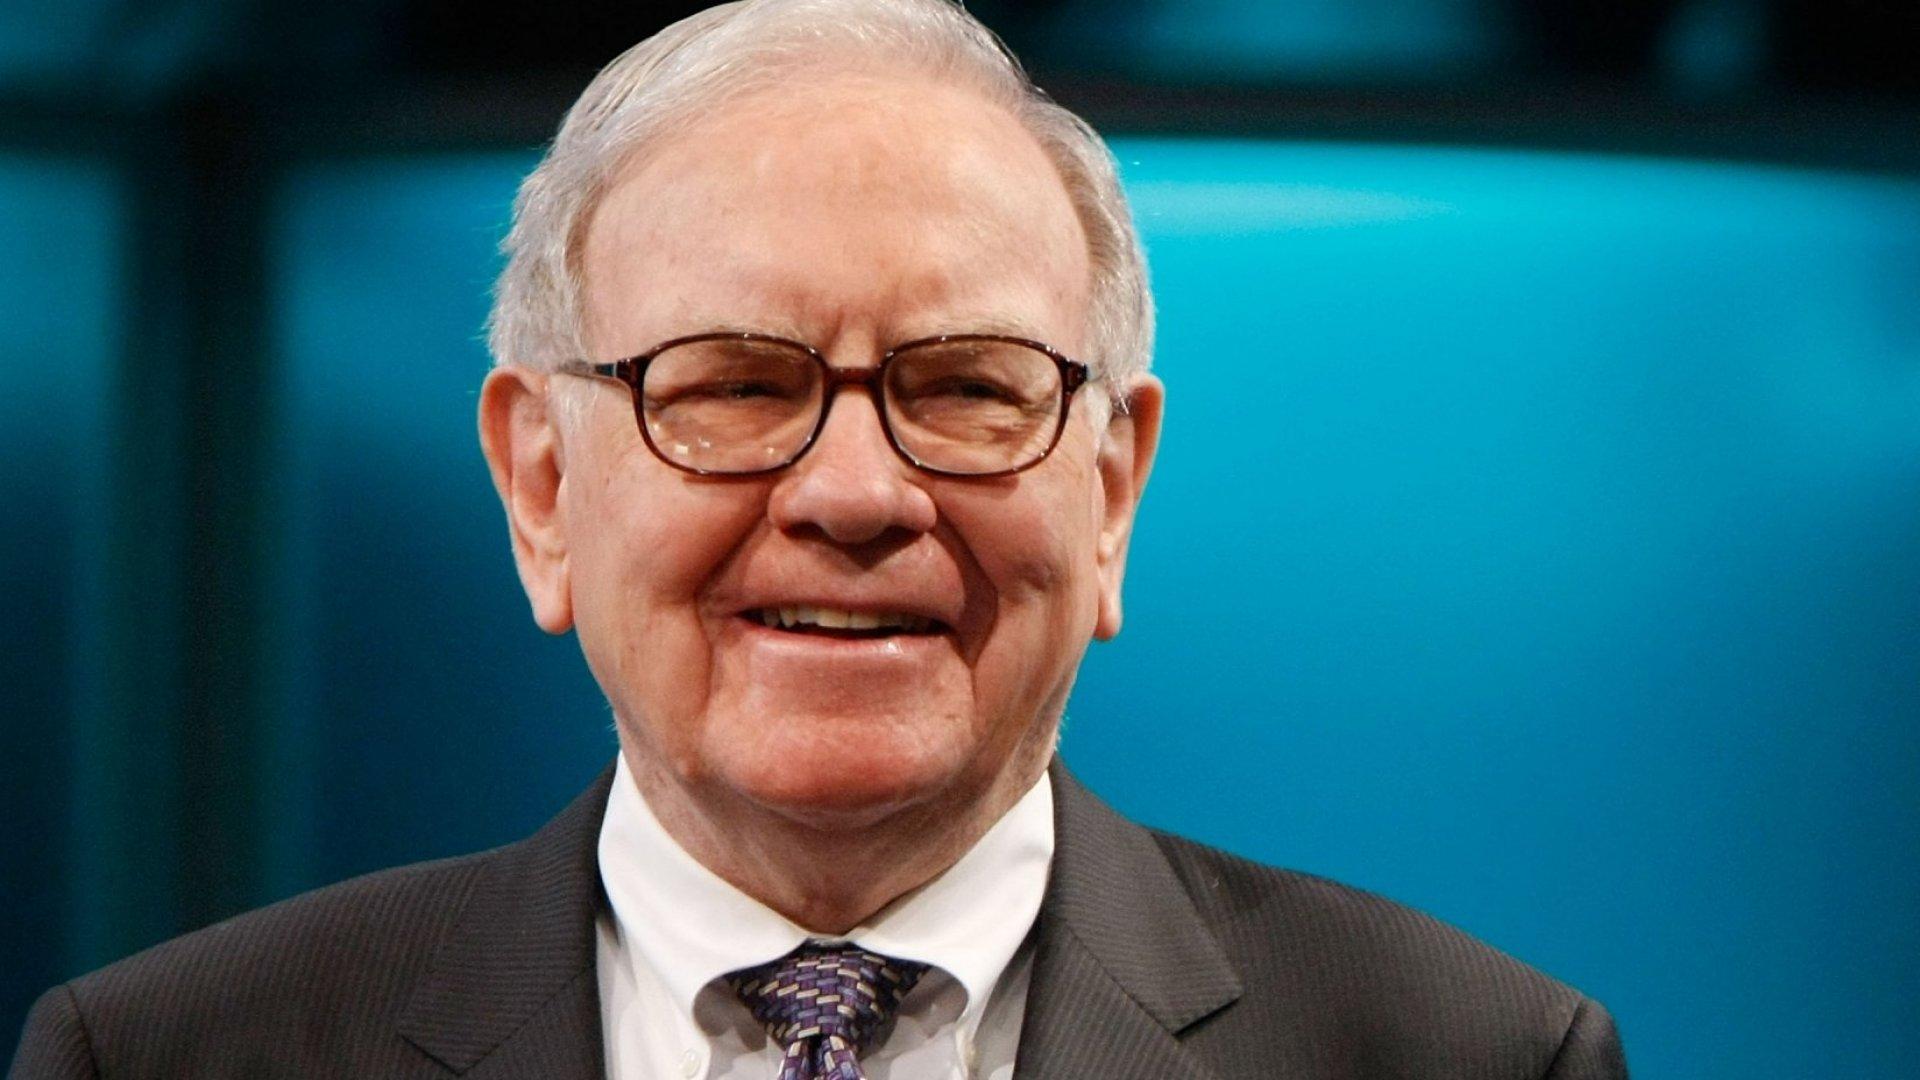 18 Book Recommendations From Billionaire Warren Buffett